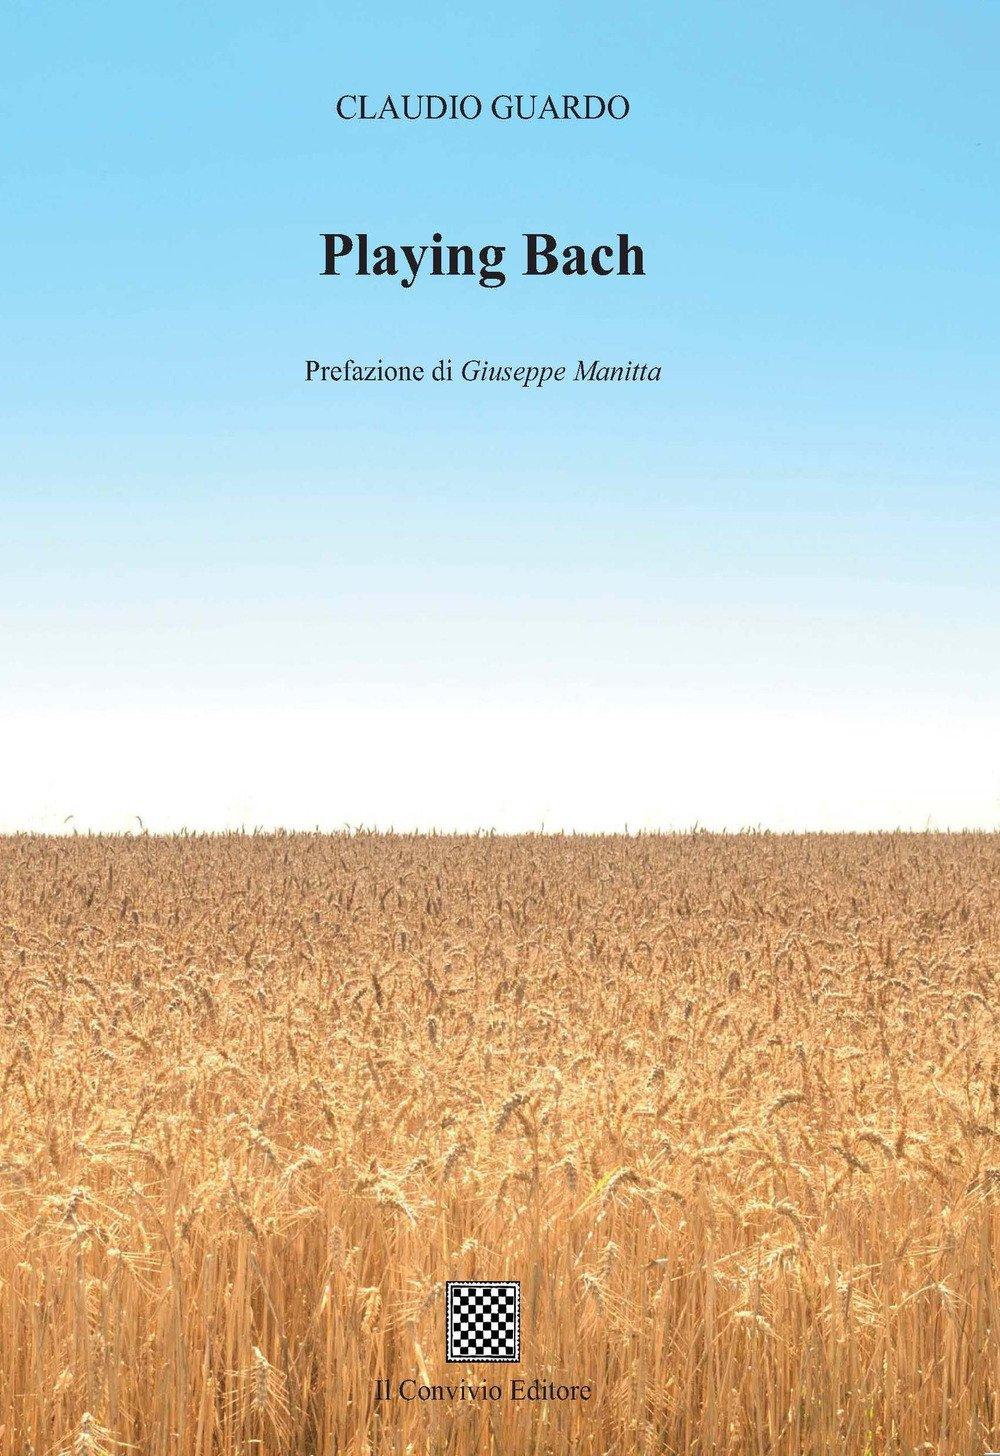 Playing Bach